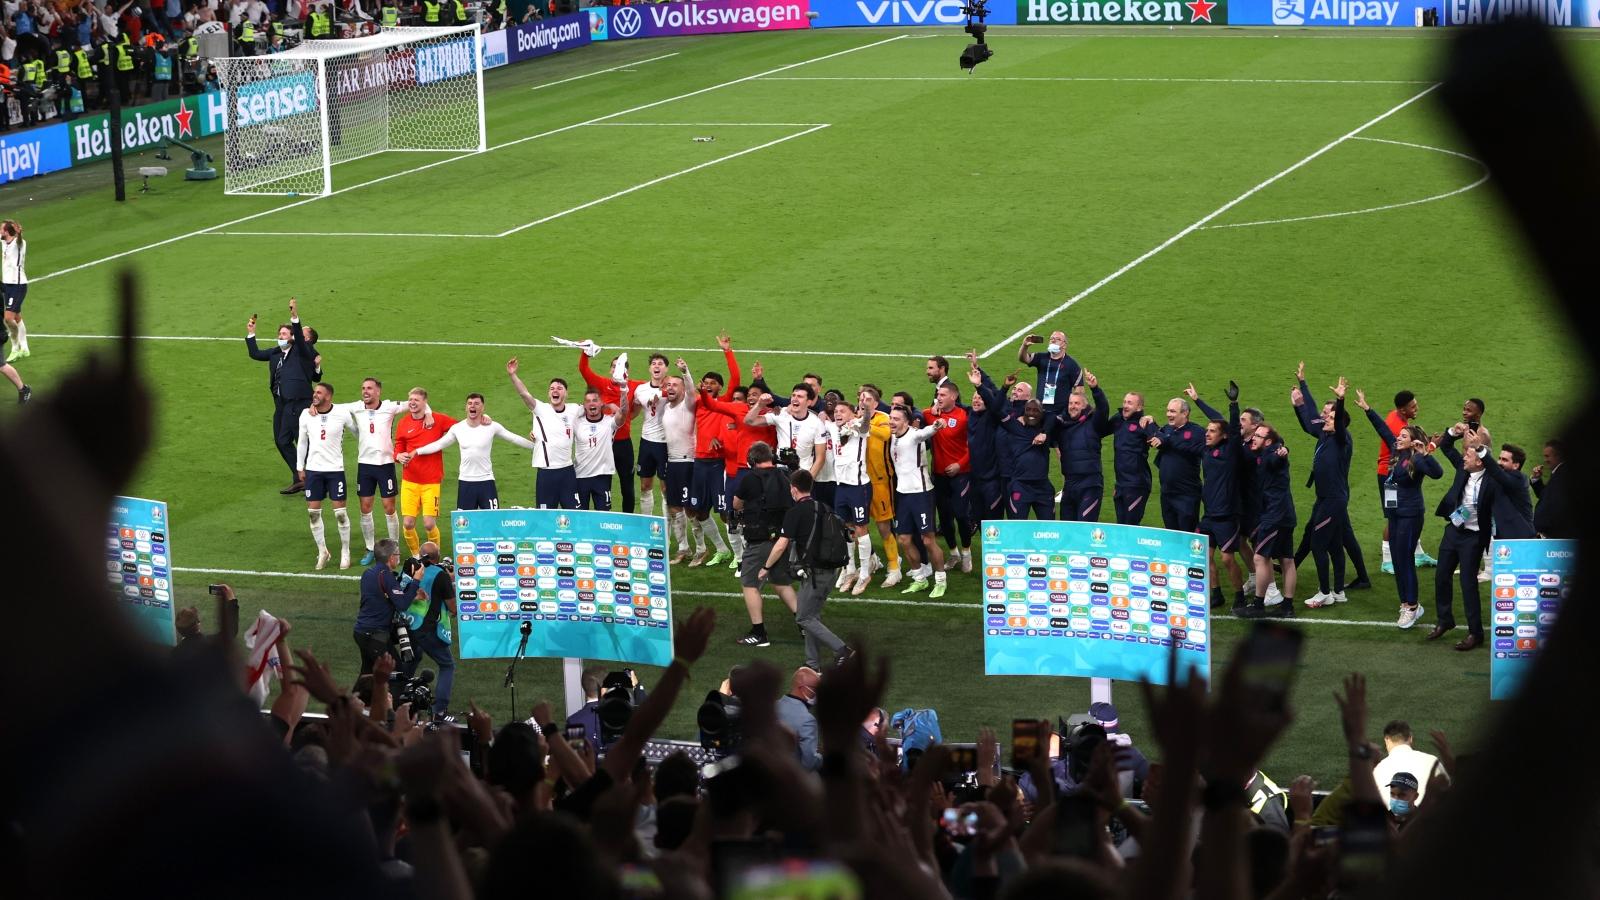 Sân Wembley mở hội, ĐT Anh ăn mừng cuồng nhiệt khi vào chung kết EURO 2021